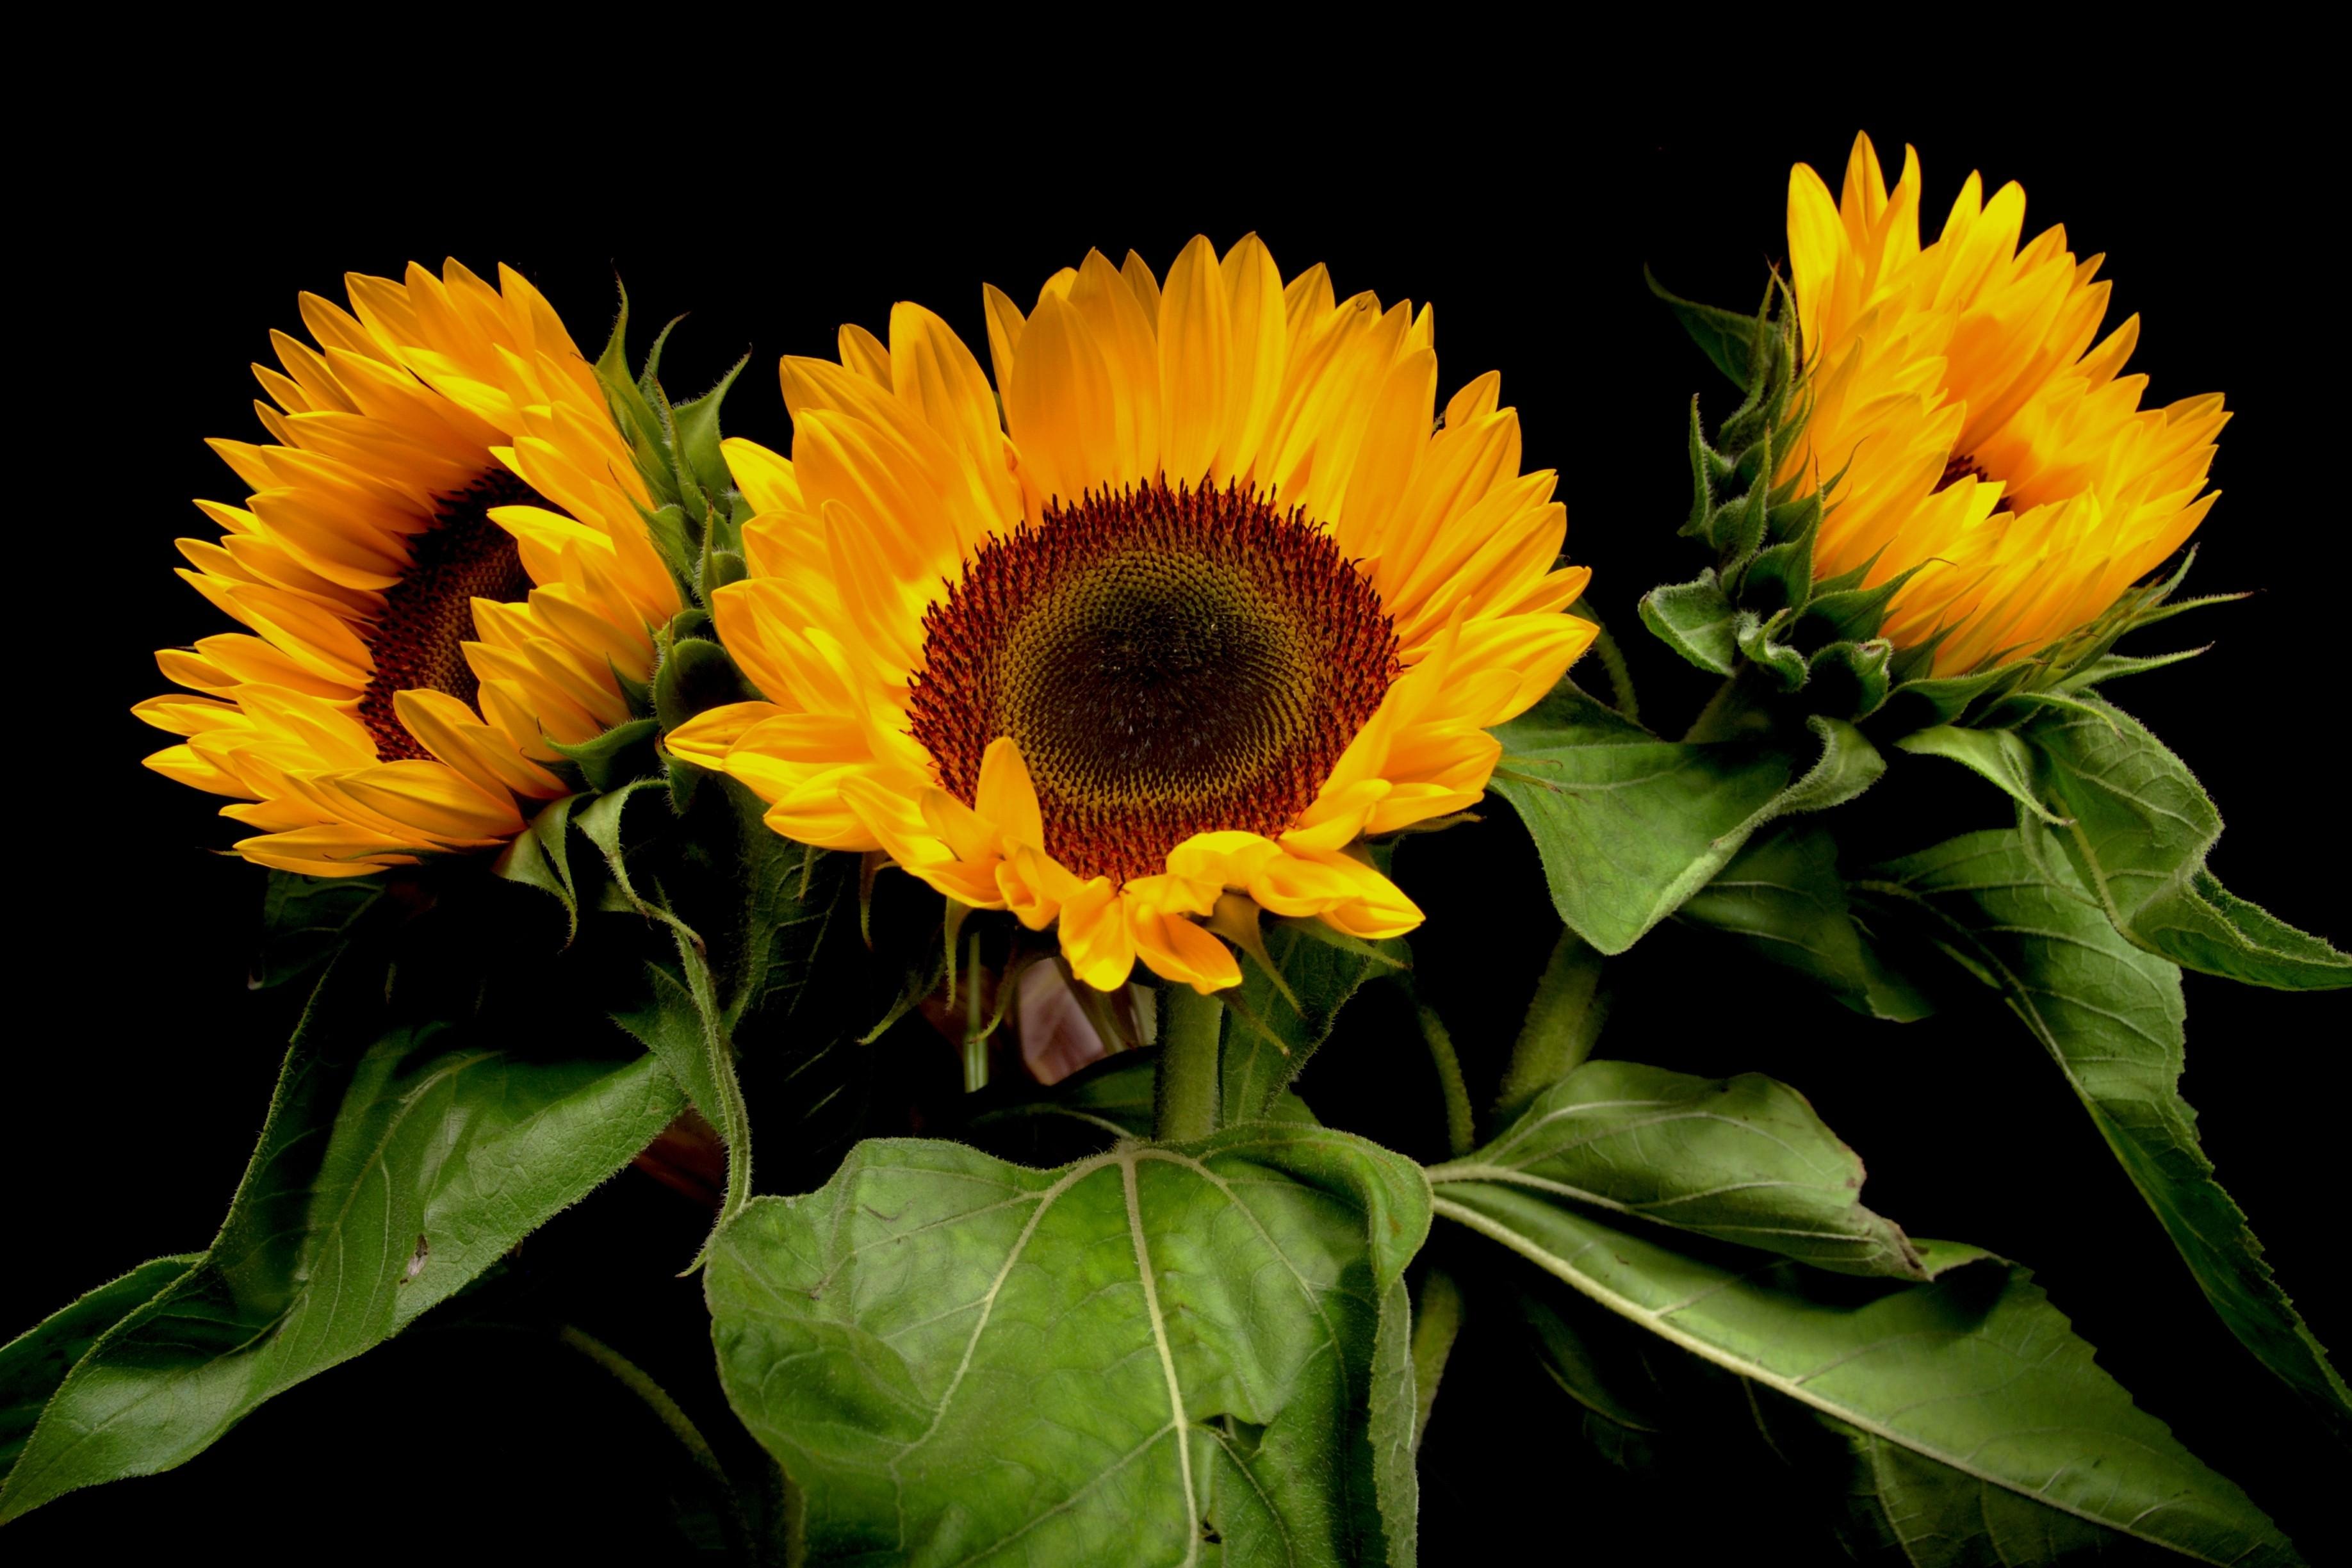 подарочные ножи фото цветов на черном фоне высокого качества жидкими обоями